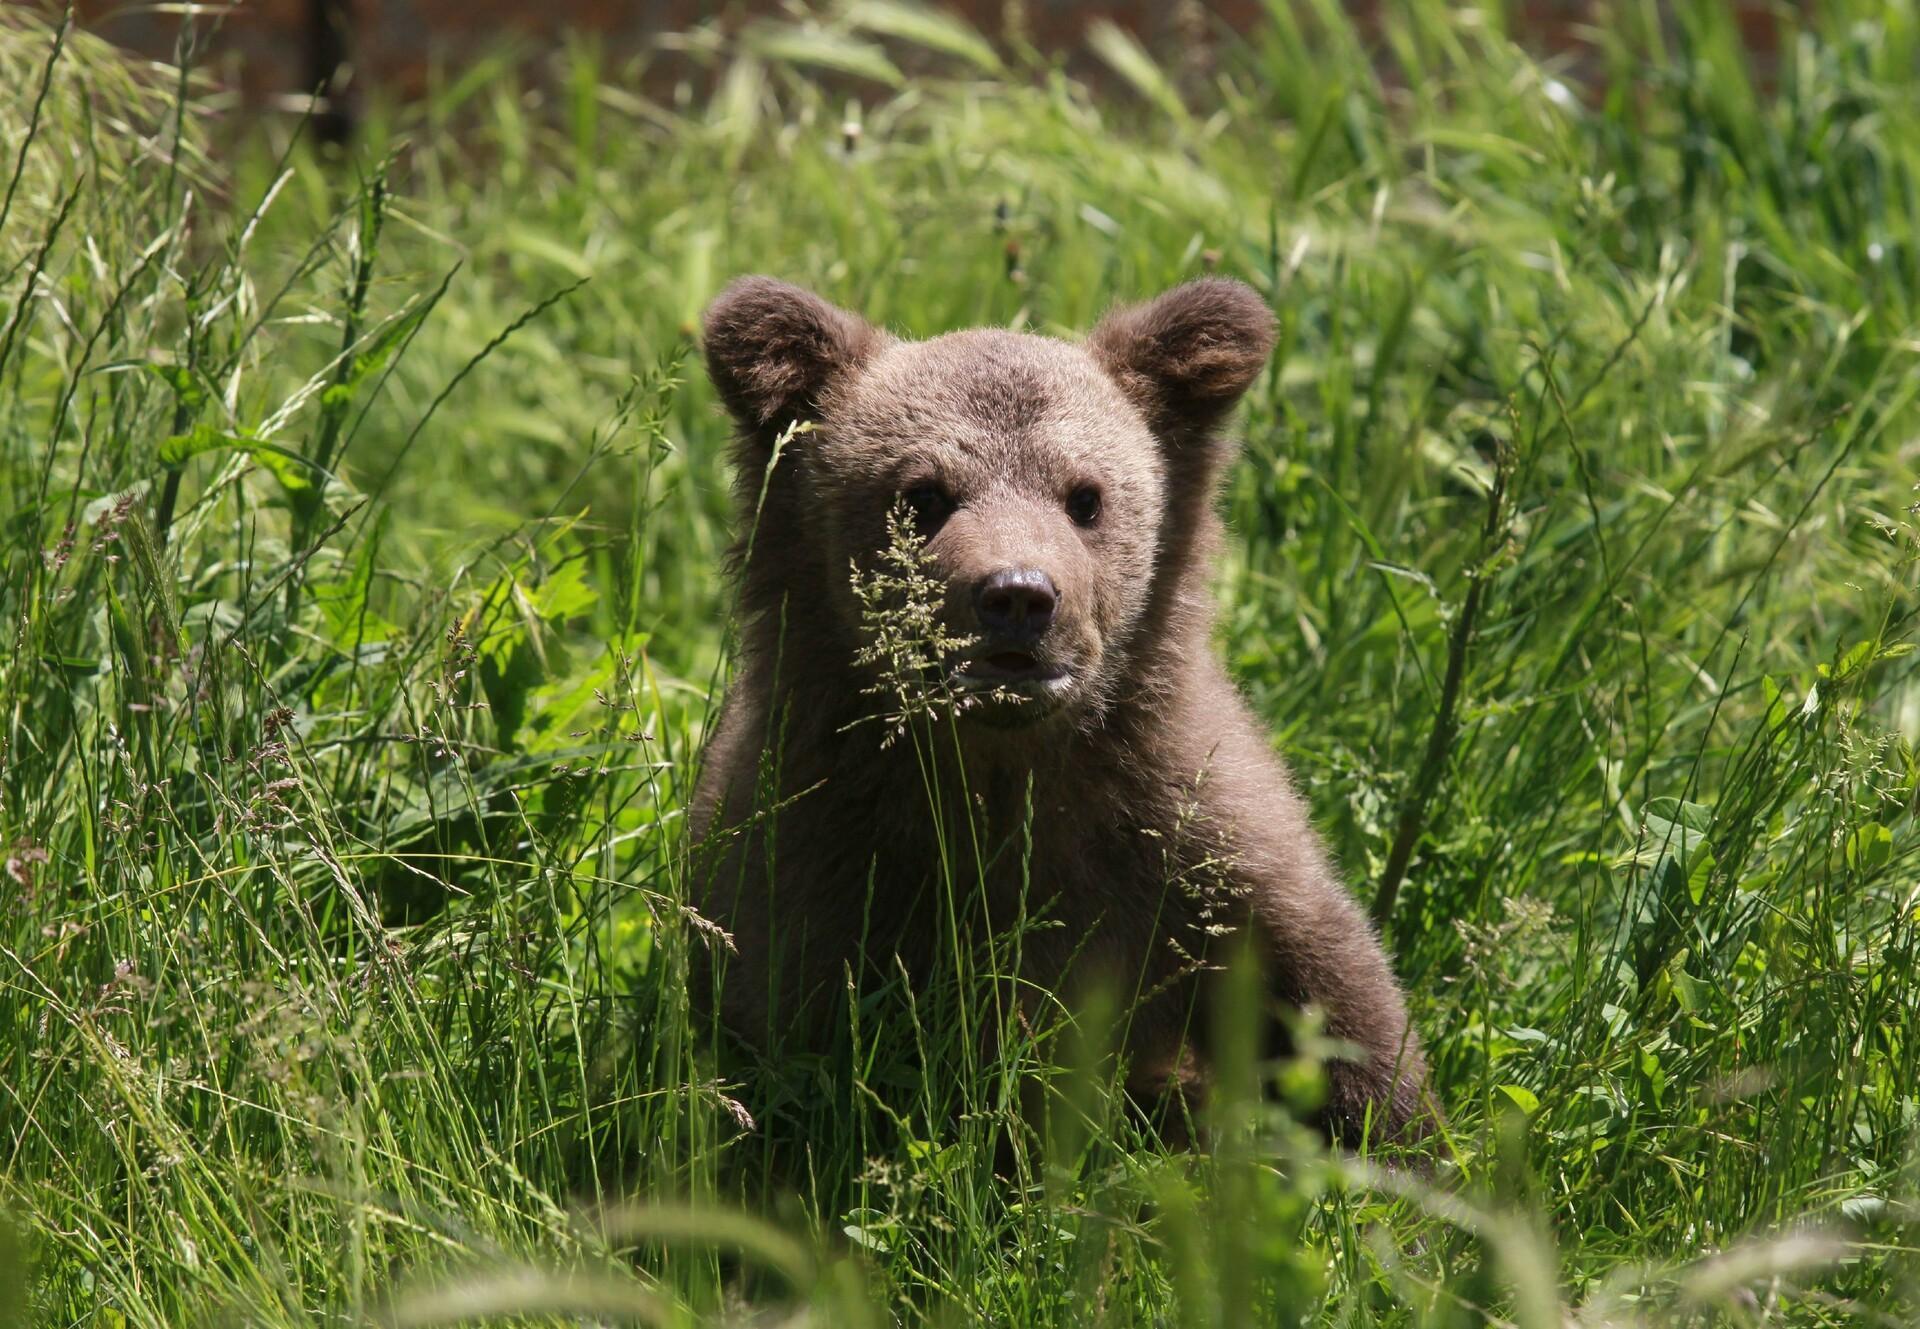 Brown bear cub Andri